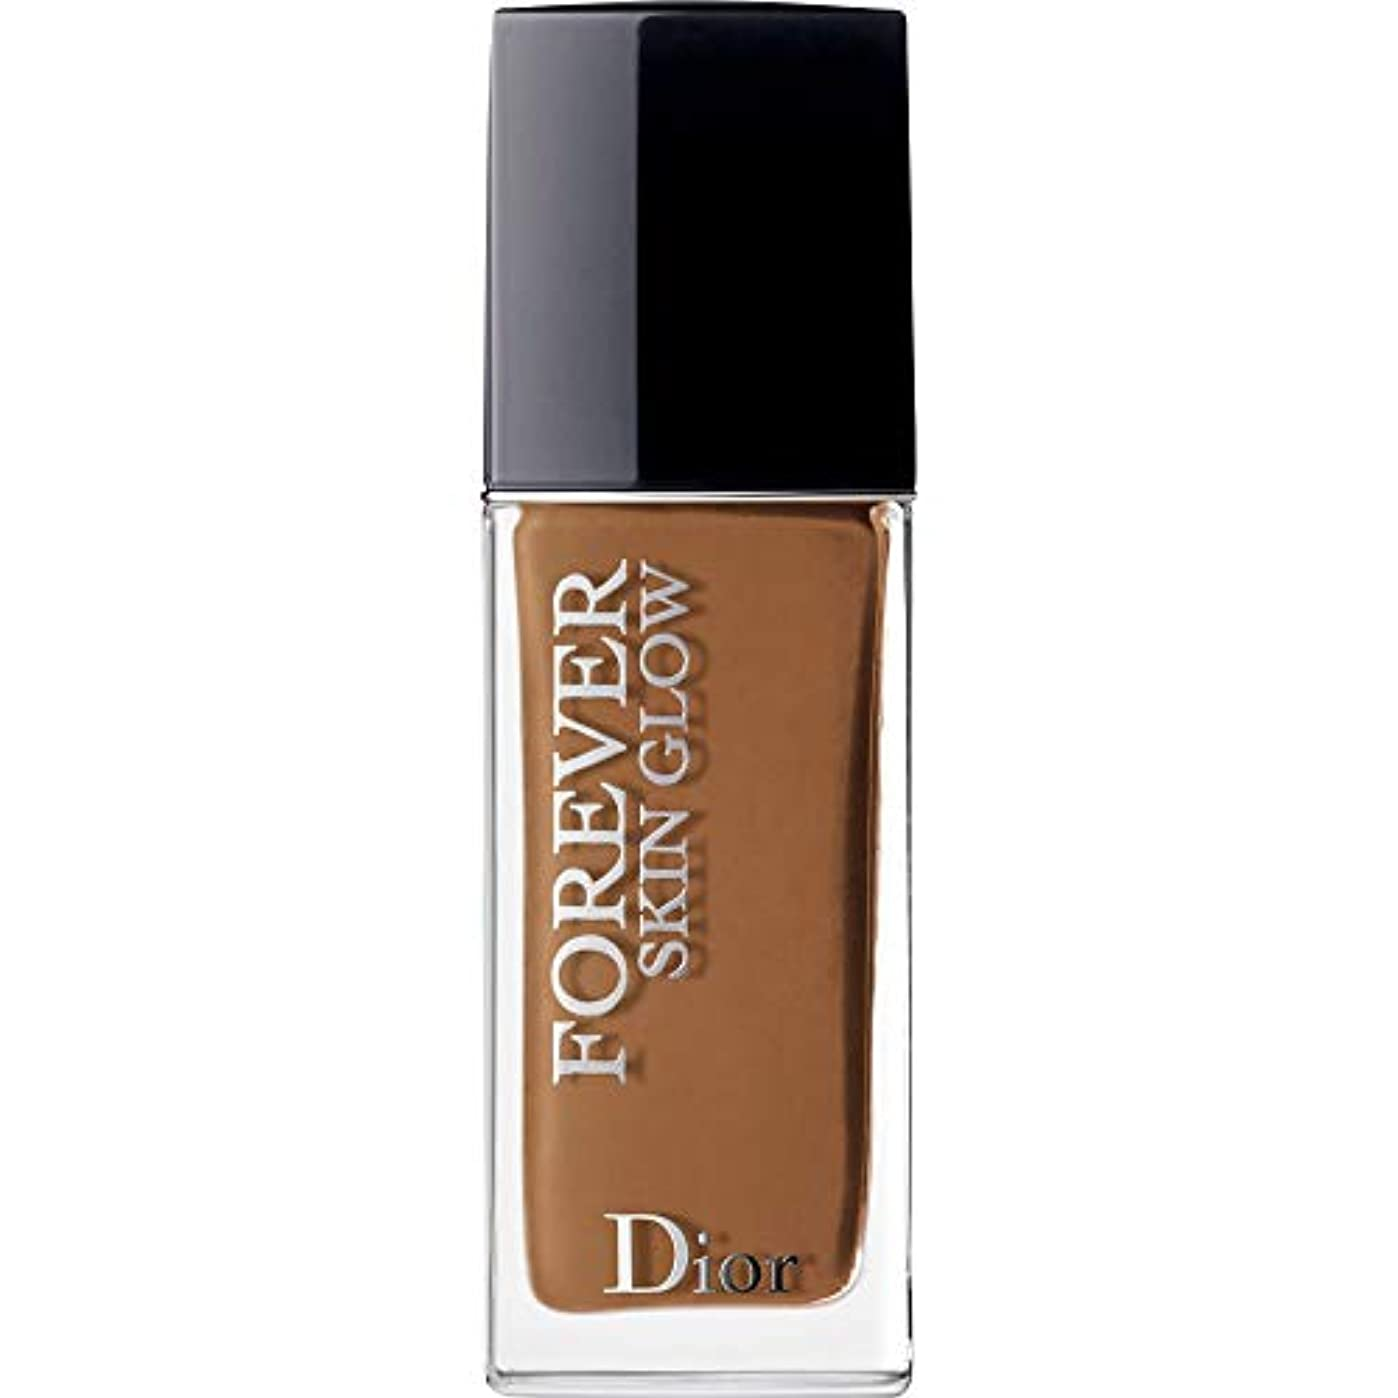 ラッチ高さオープニング[Dior ] ディオール永遠に皮膚グロー皮膚思いやりの基礎Spf35 30ミリリットルの7N - ニュートラル(肌の輝き) - DIOR Forever Skin Glow Skin-Caring Foundation...